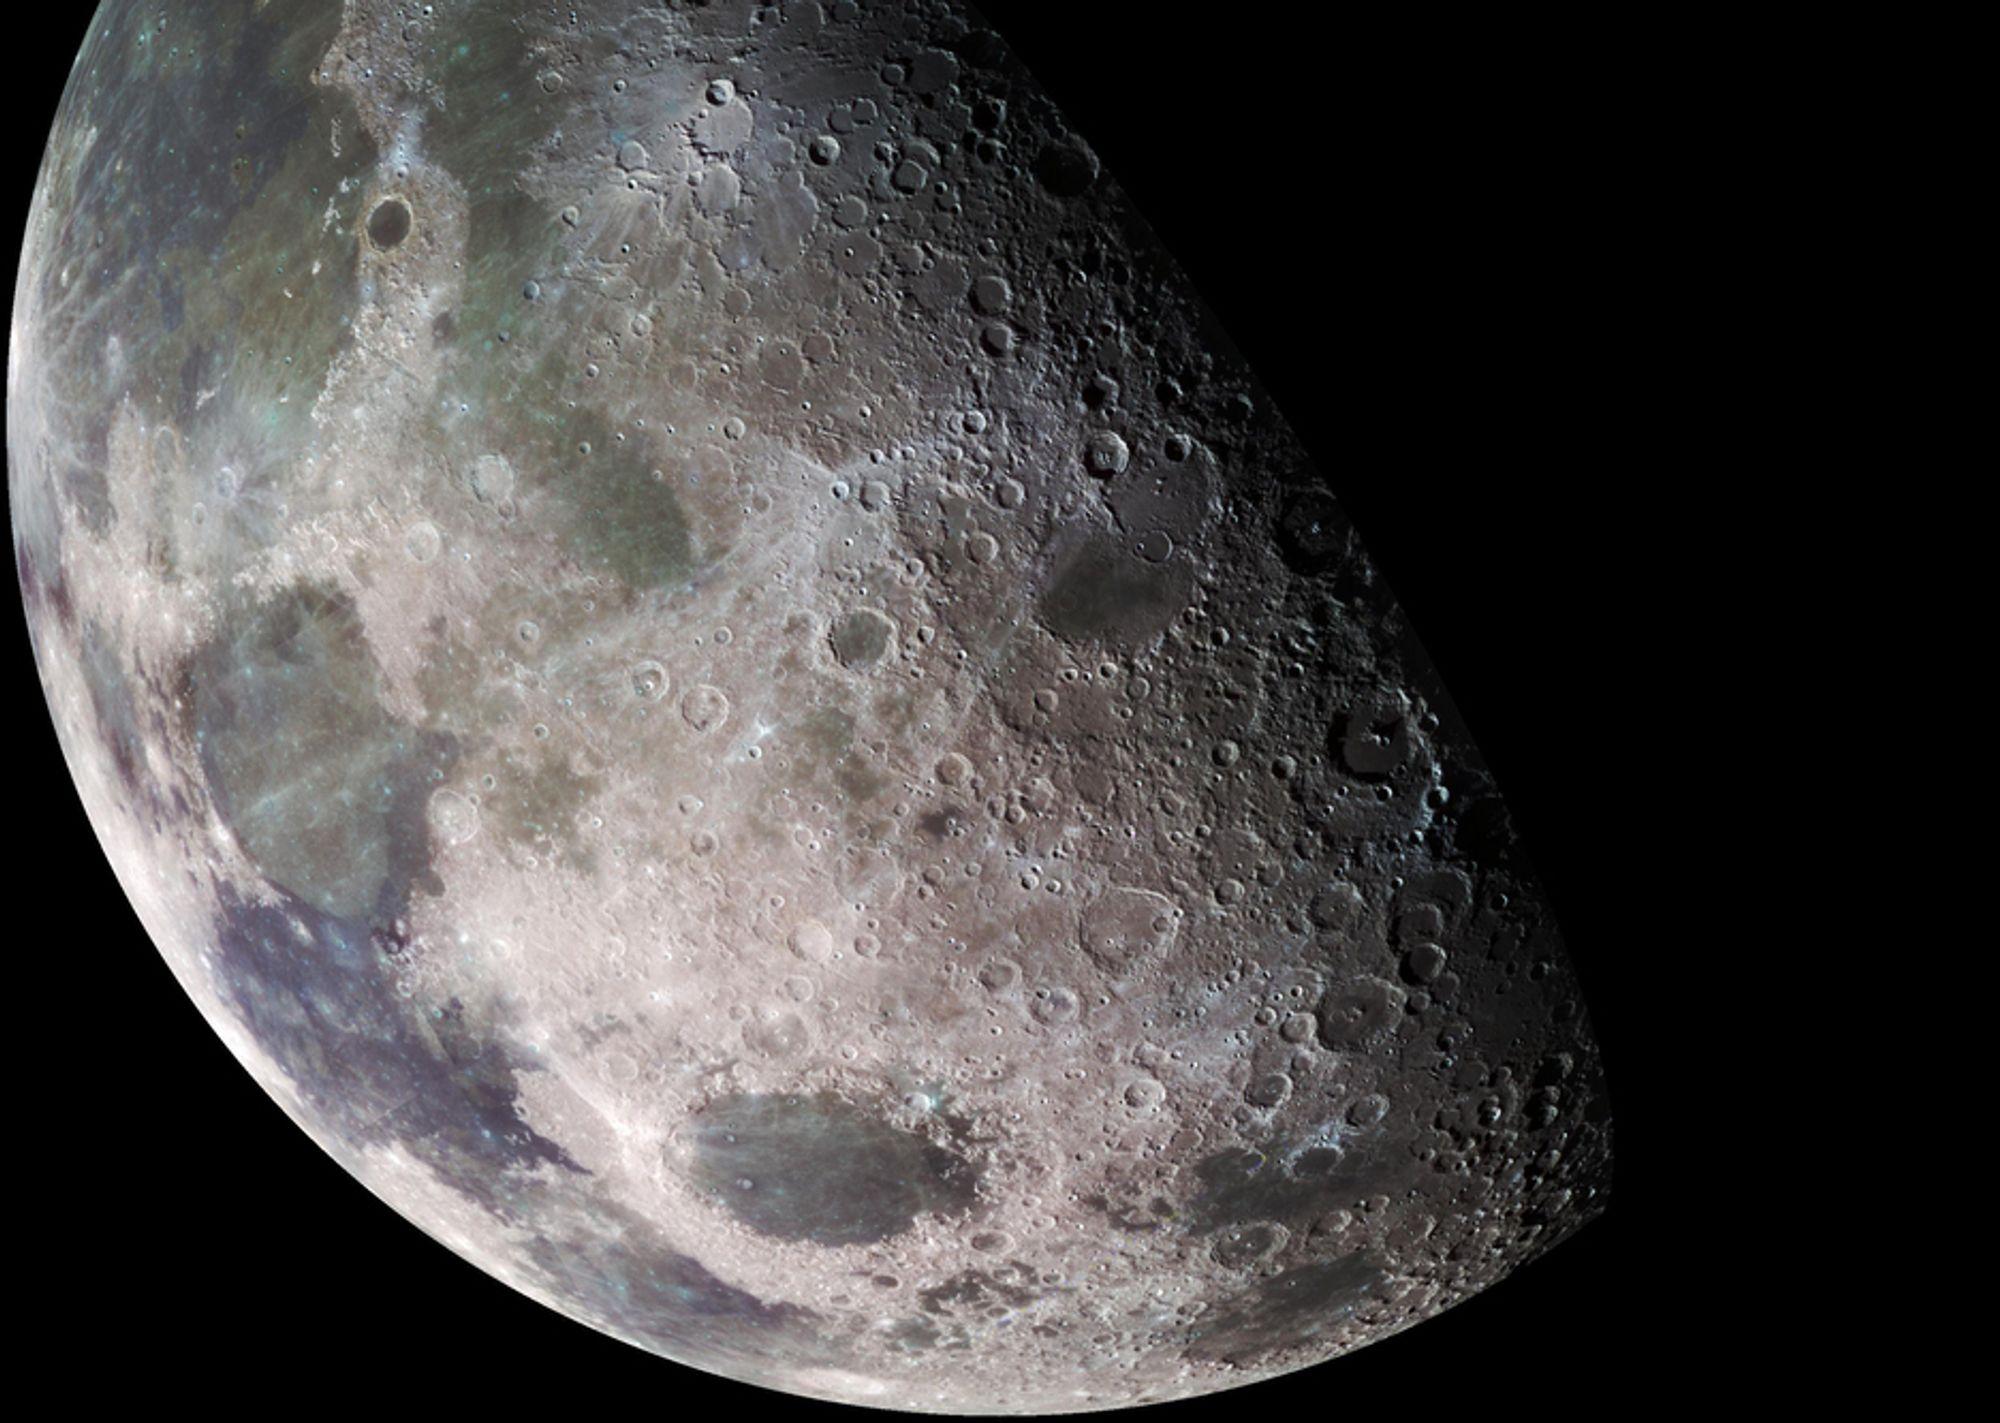 De to forskerne mener månelandskapet kan forklares med at månen kolliderte med en annen måne for flere milliarder år siden.